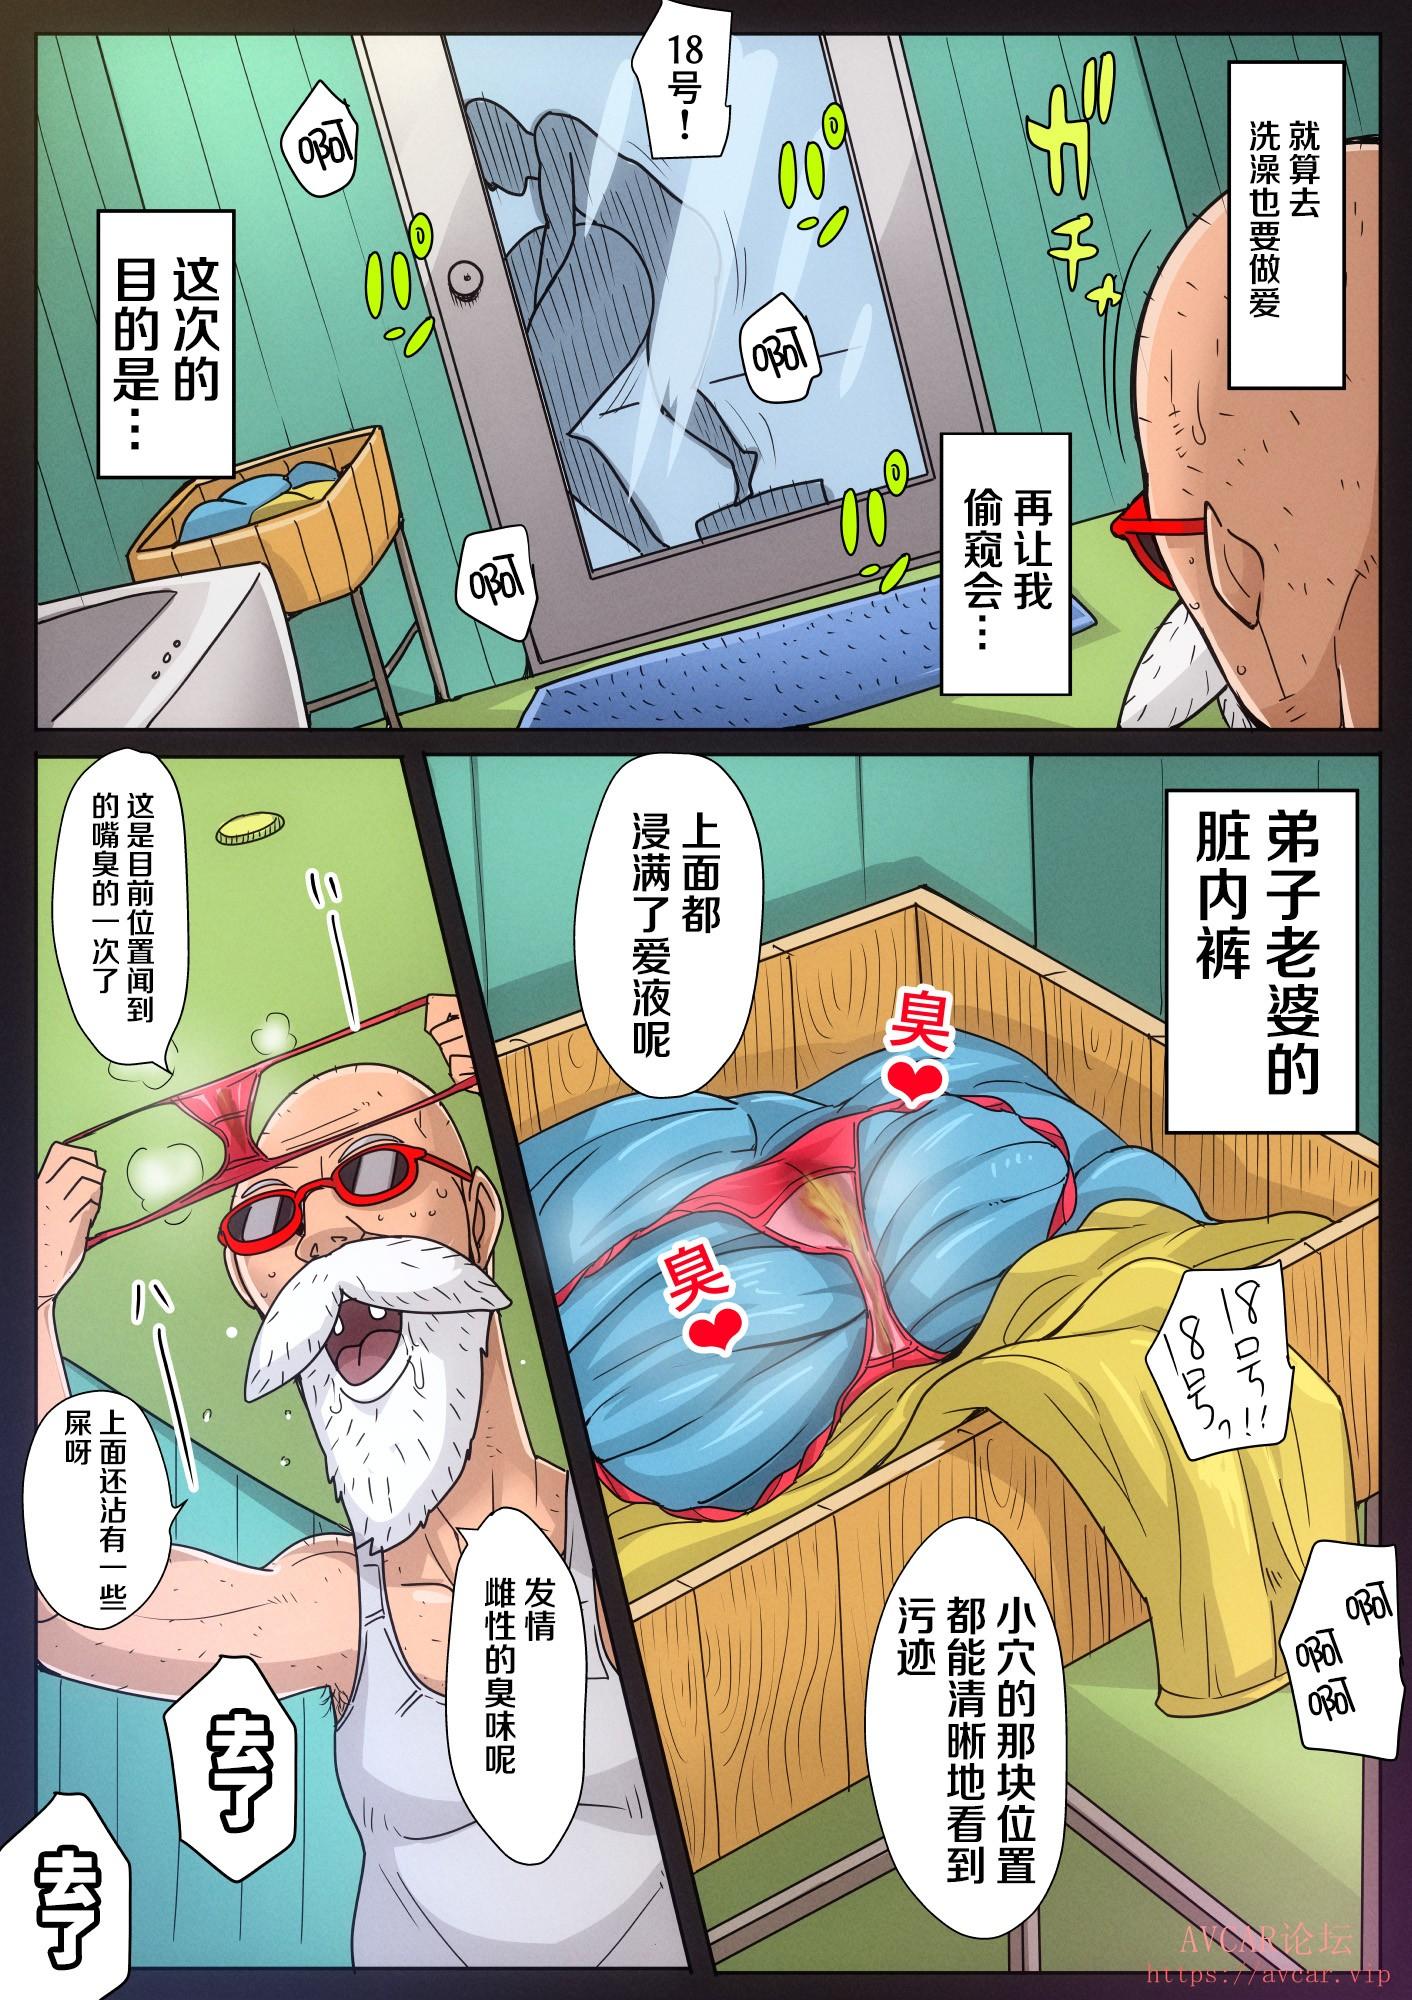 09_08_bkyu_manga10_008.jpg